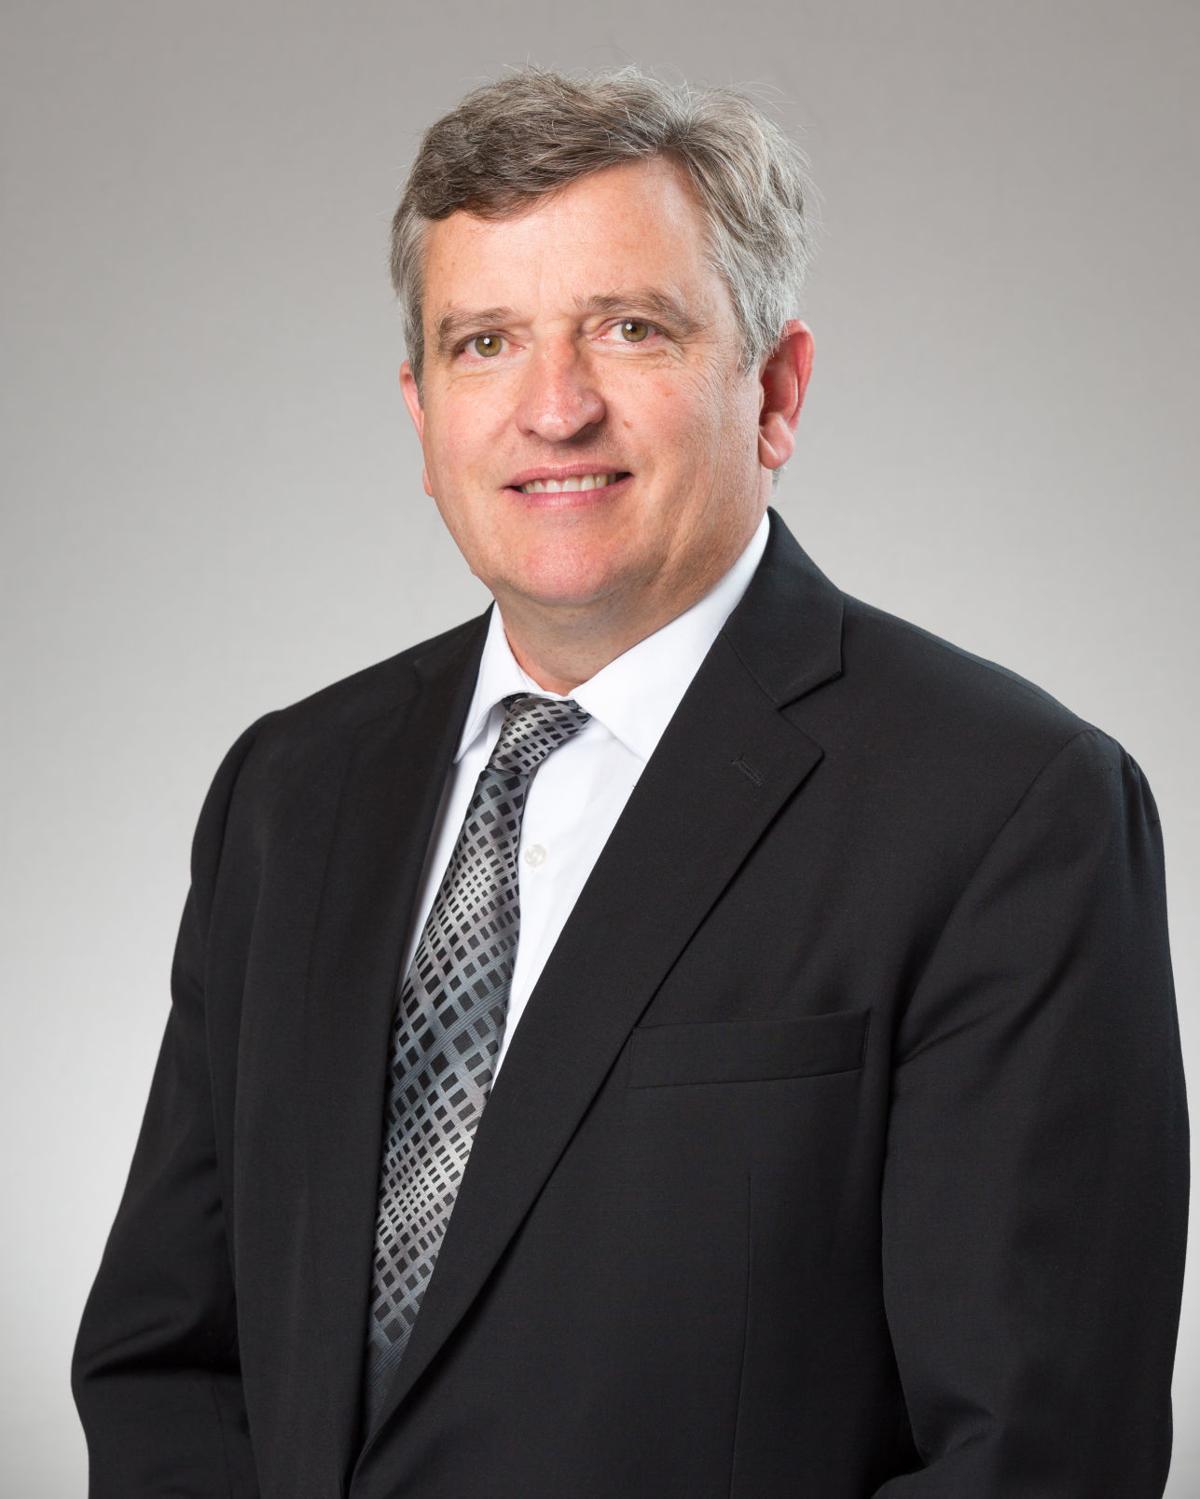 MUGSHOT: Rep. Frank Garner, R-Kalispell